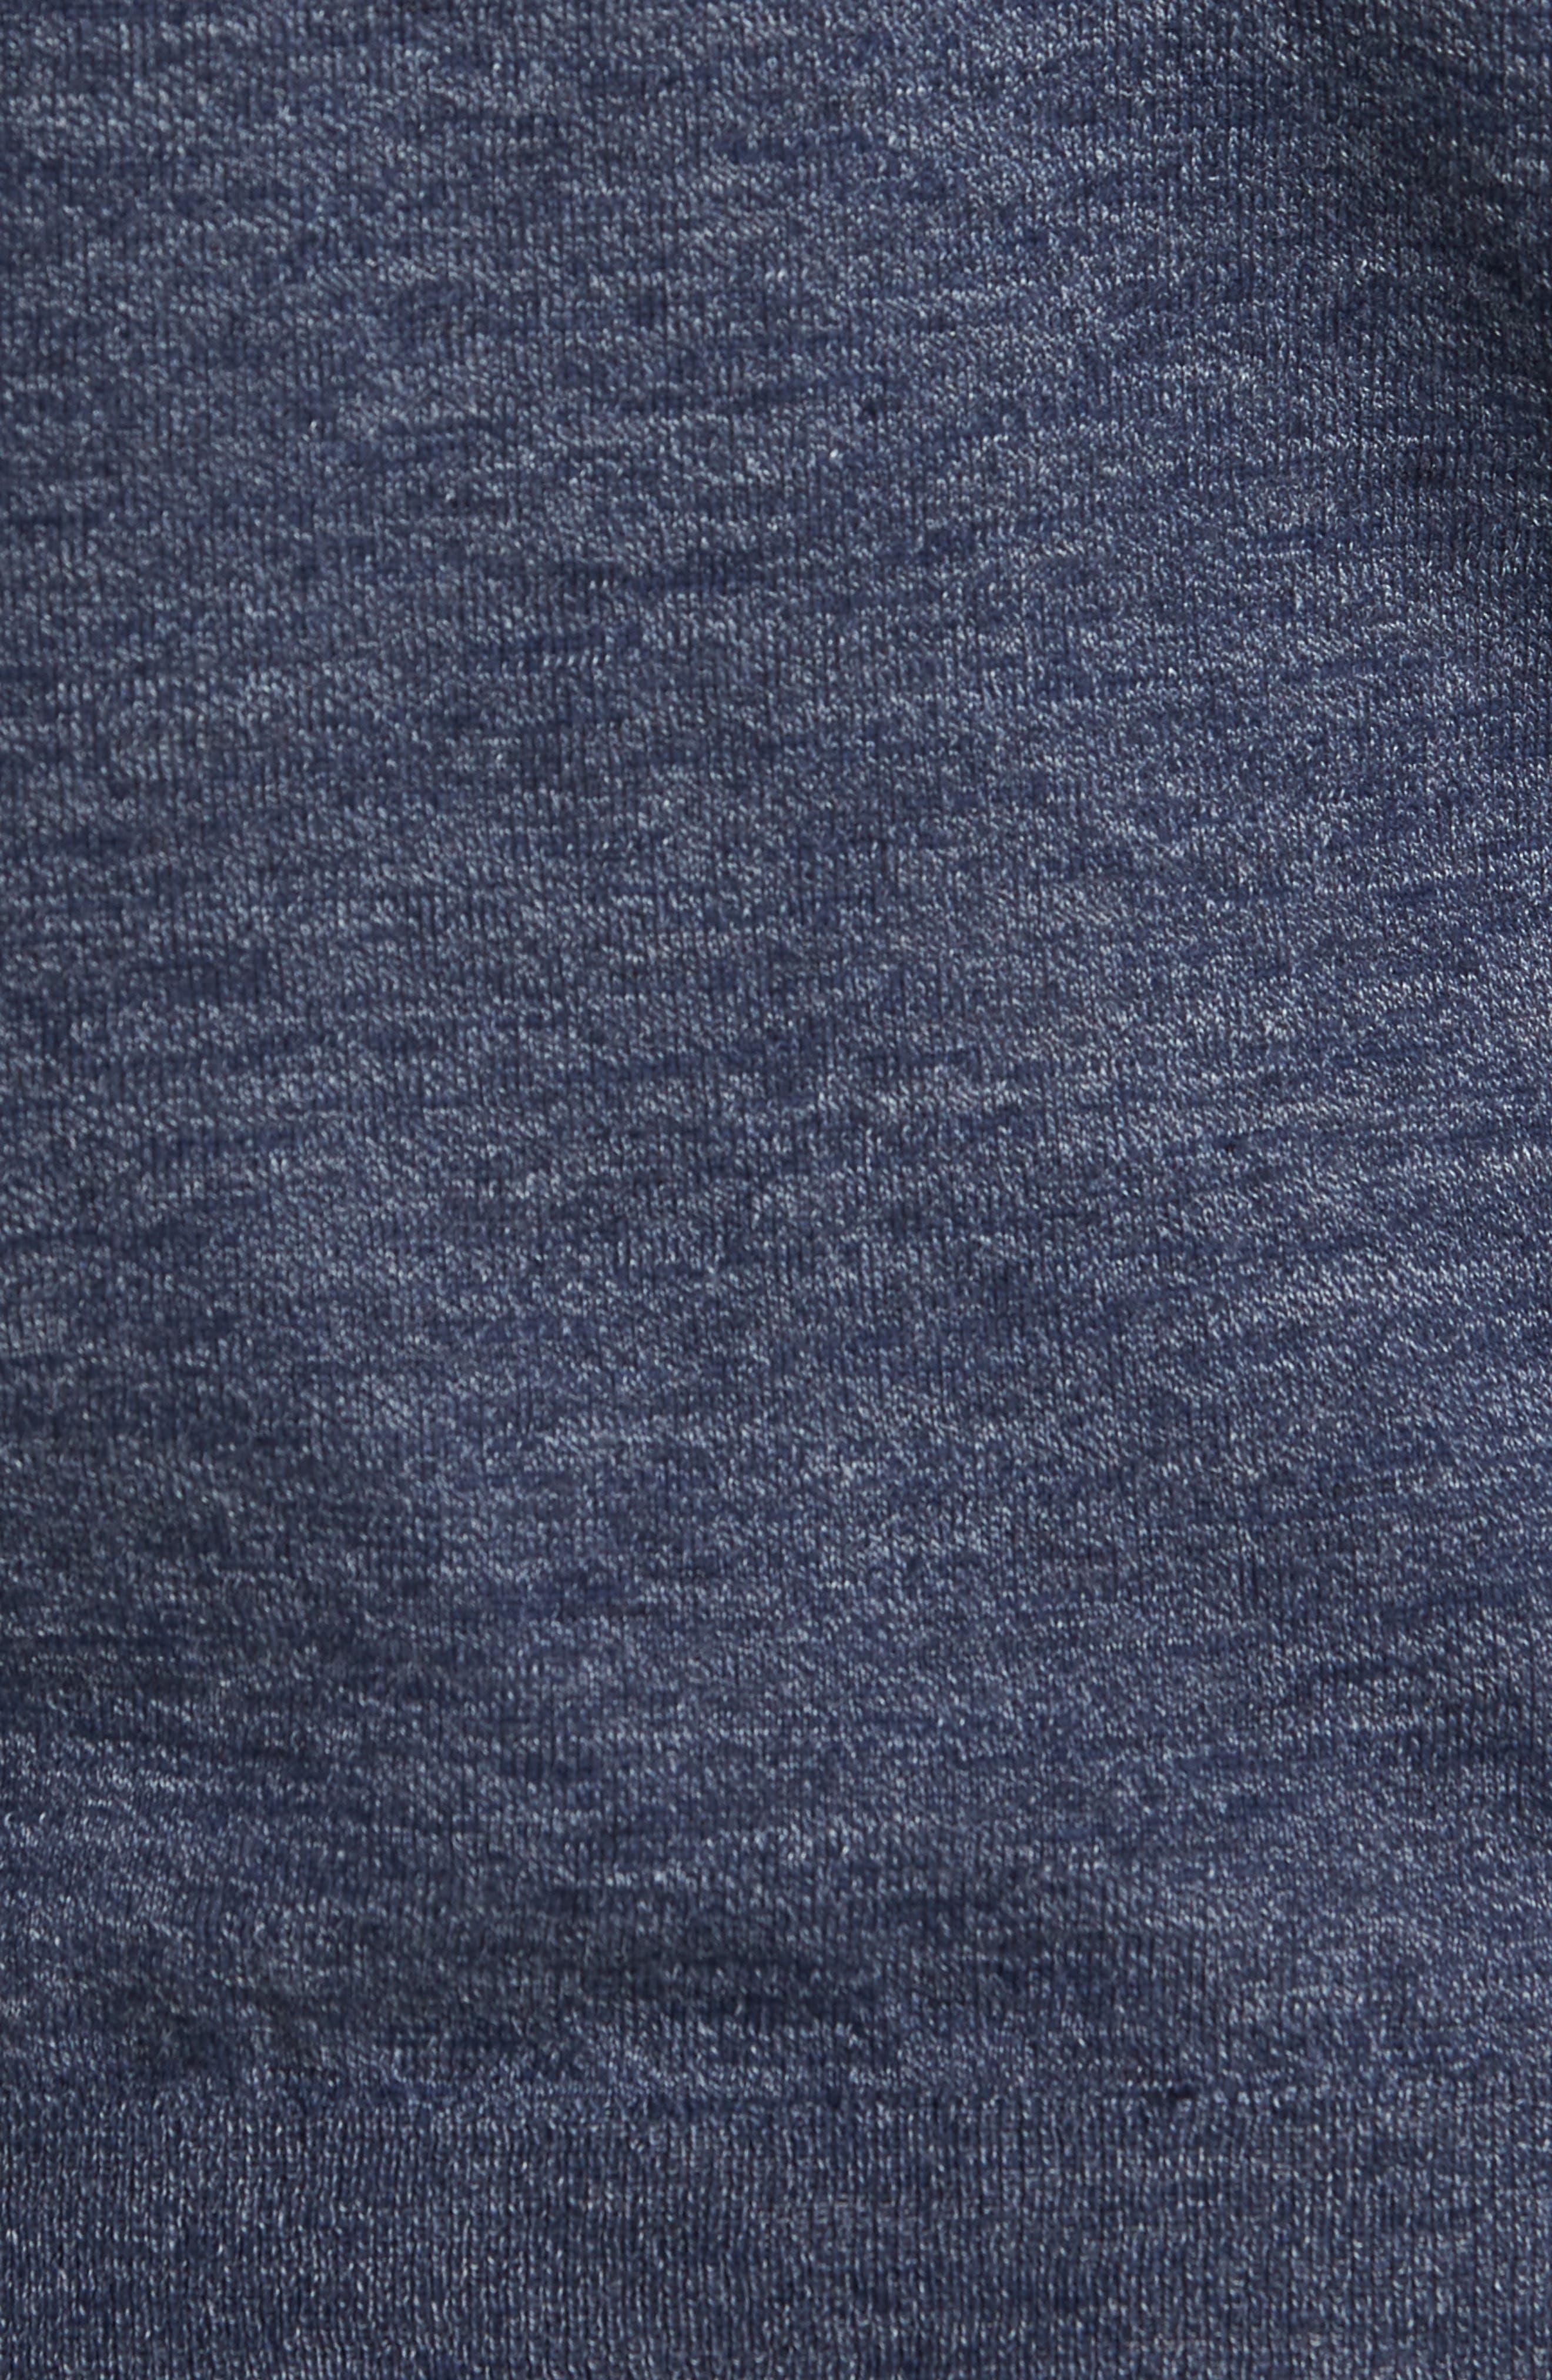 Cotton Blend Crewneck Sweater,                             Alternate thumbnail 19, color,